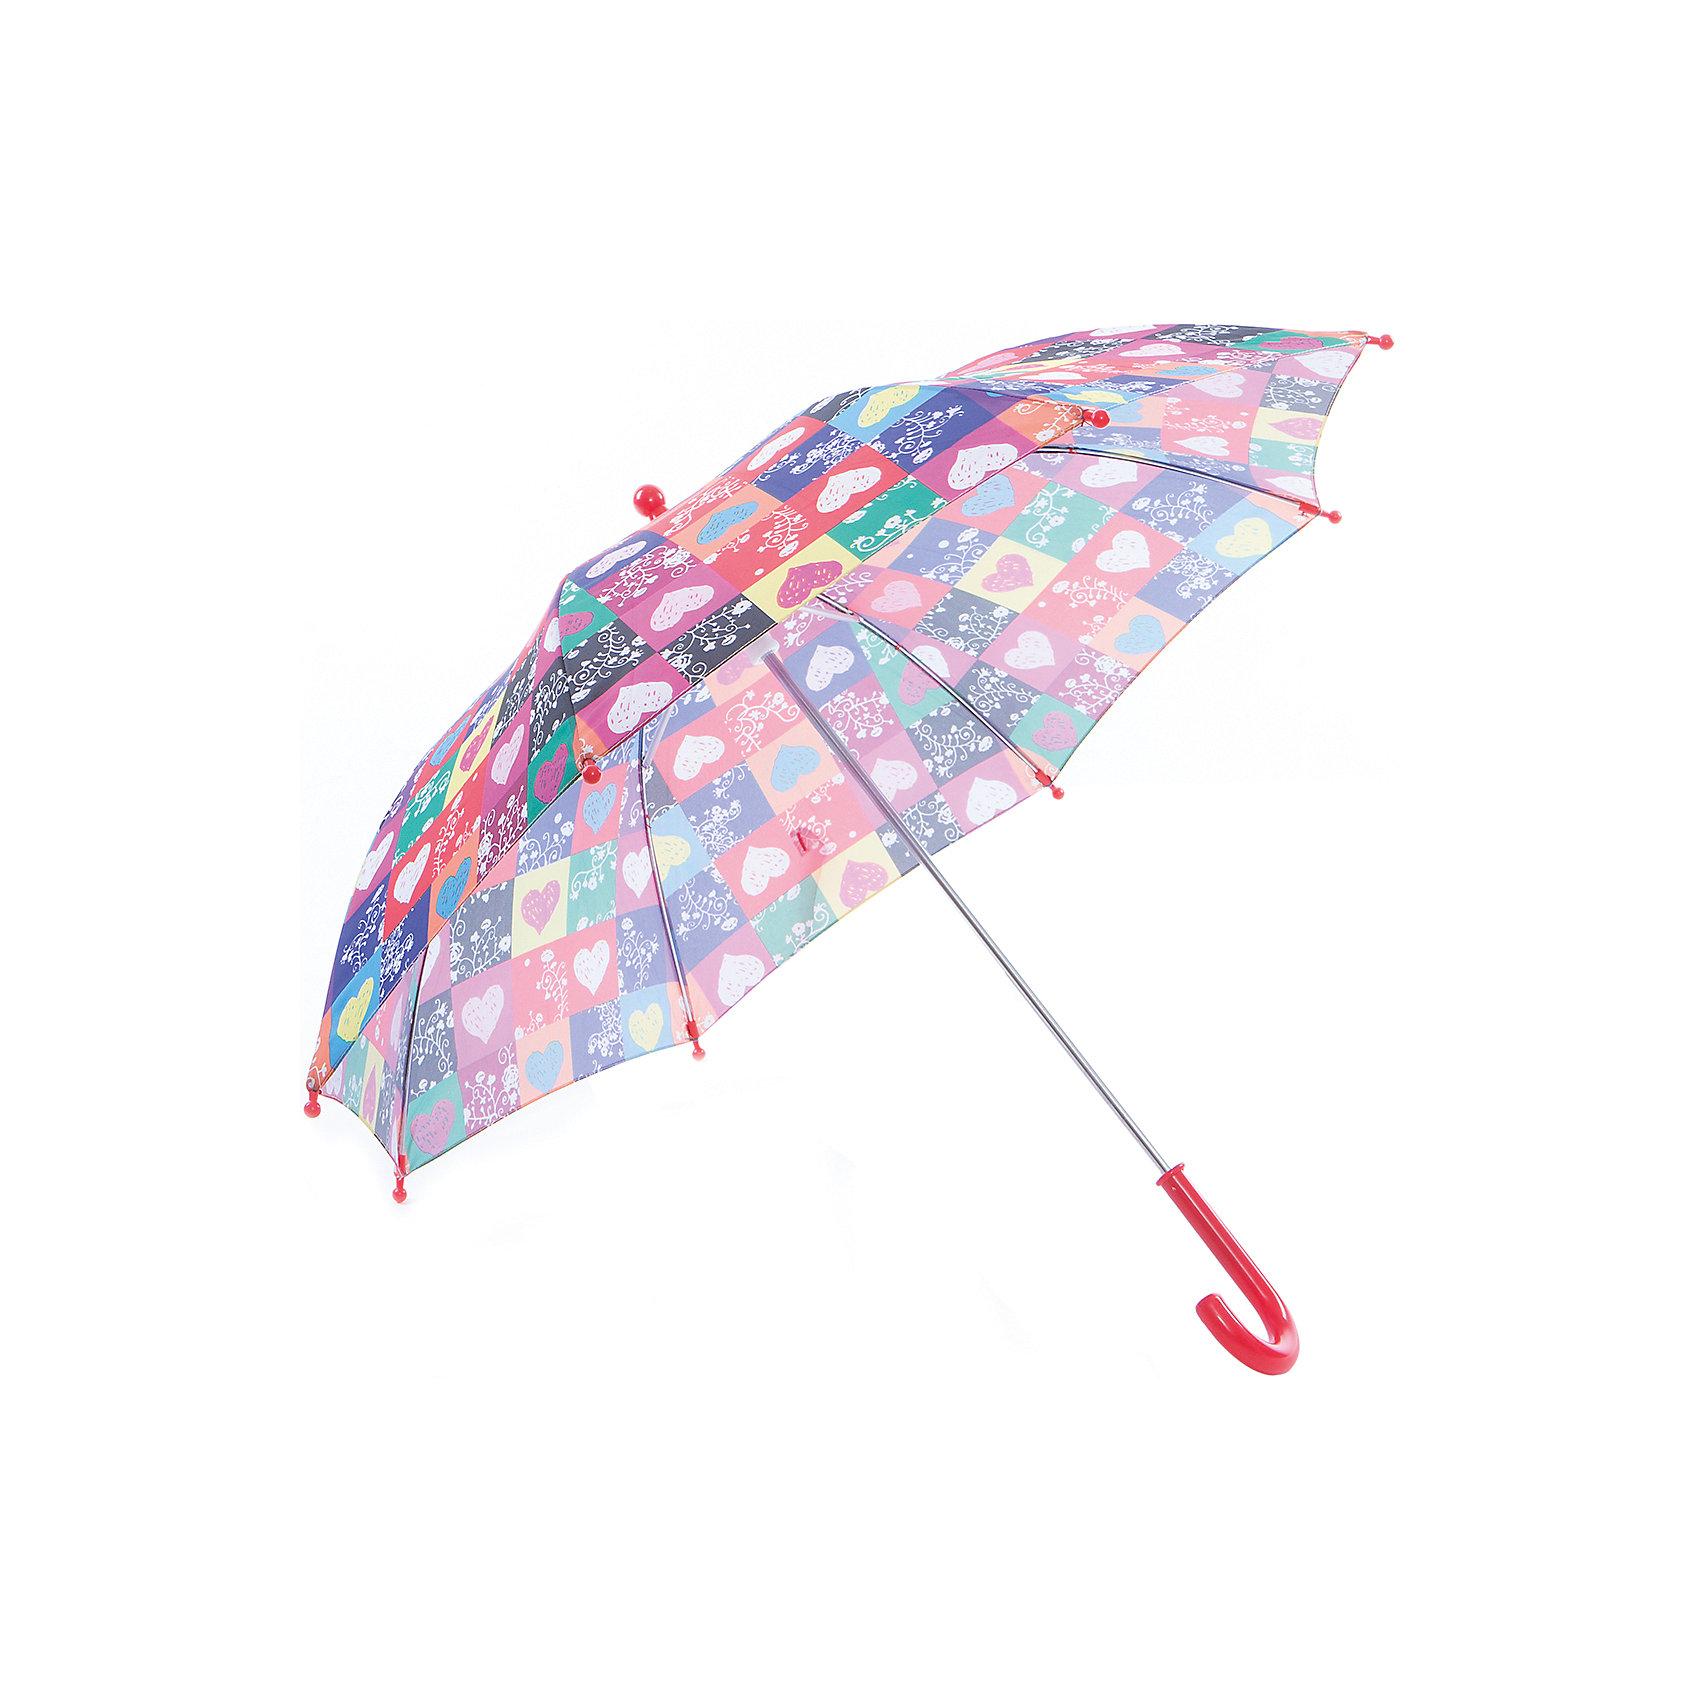 Зонт-трость, детский, рисунок СердечкиЗонты детские<br>Красочный детский зонтик Zest 81561, трость, механика, 8 спиц, купол 72 см, материал купола полиэстер, ручка зонта из пластика, материал каркаса - сталь. Концы спиц зонтика прикрыты специальными колпачками. ВЕТРОУСТОЙЧИВАЯ КОНСТРУКЦИЯ. Внимание! В сильный ветер не эксплуатировать! Зонт может сломаться. Гарантия 6 месяцев, срок службы 5 лет.<br><br>Ширина мм: 570<br>Глубина мм: 0<br>Высота мм: 0<br>Вес г: 205<br>Возраст от месяцев: 36<br>Возраст до месяцев: 2147483647<br>Пол: Унисекс<br>Возраст: Детский<br>SKU: 5511998